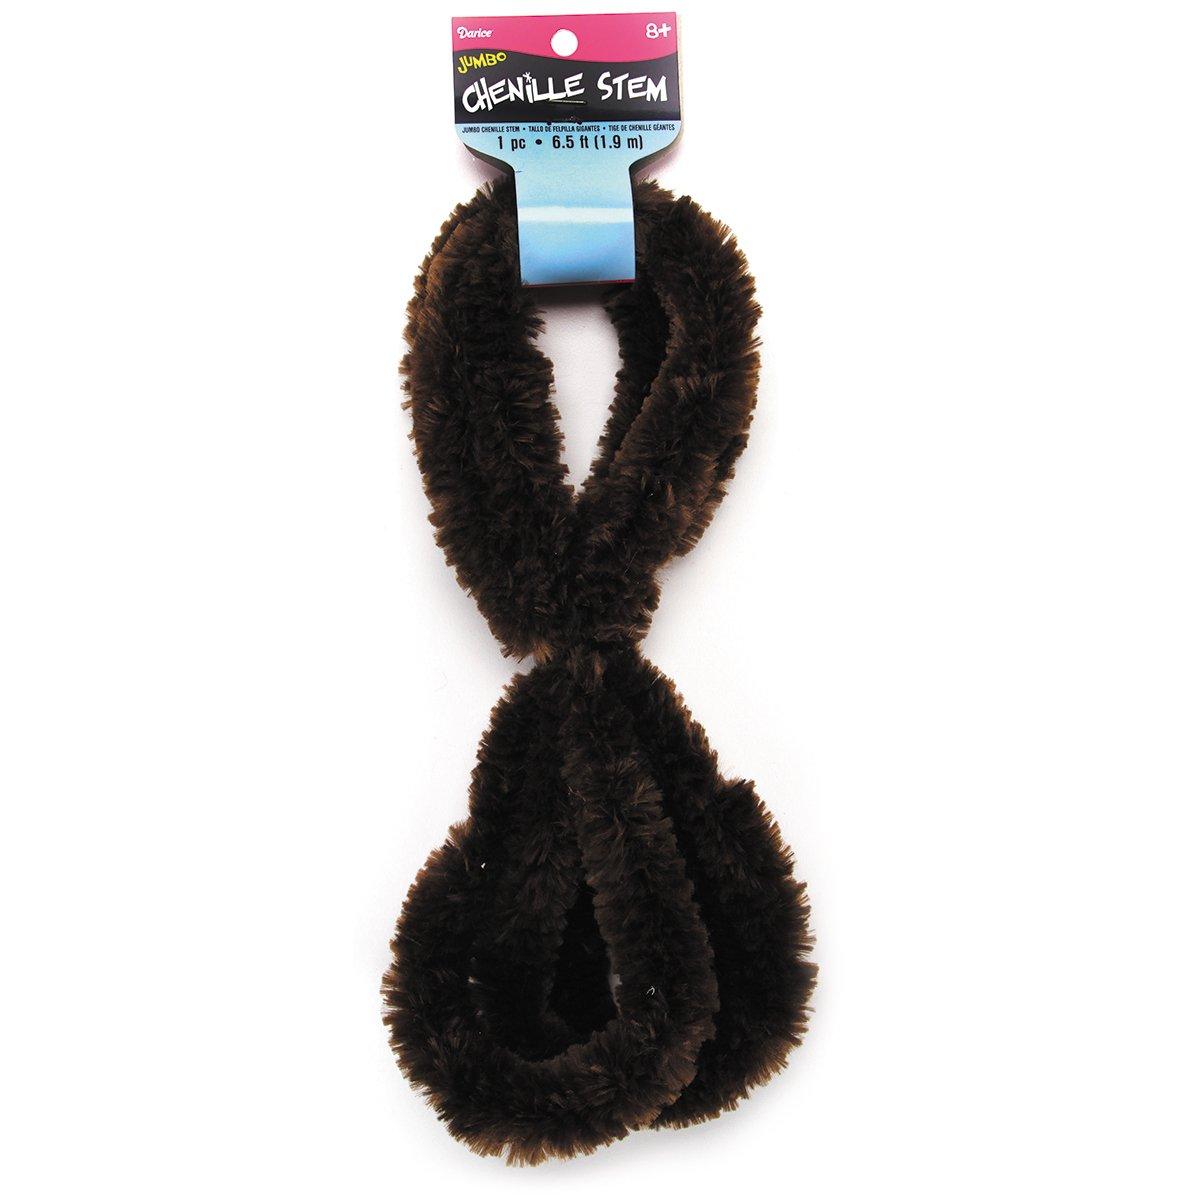 6.5-Ft Black Darice 450116 Jumbo Chenille Stem